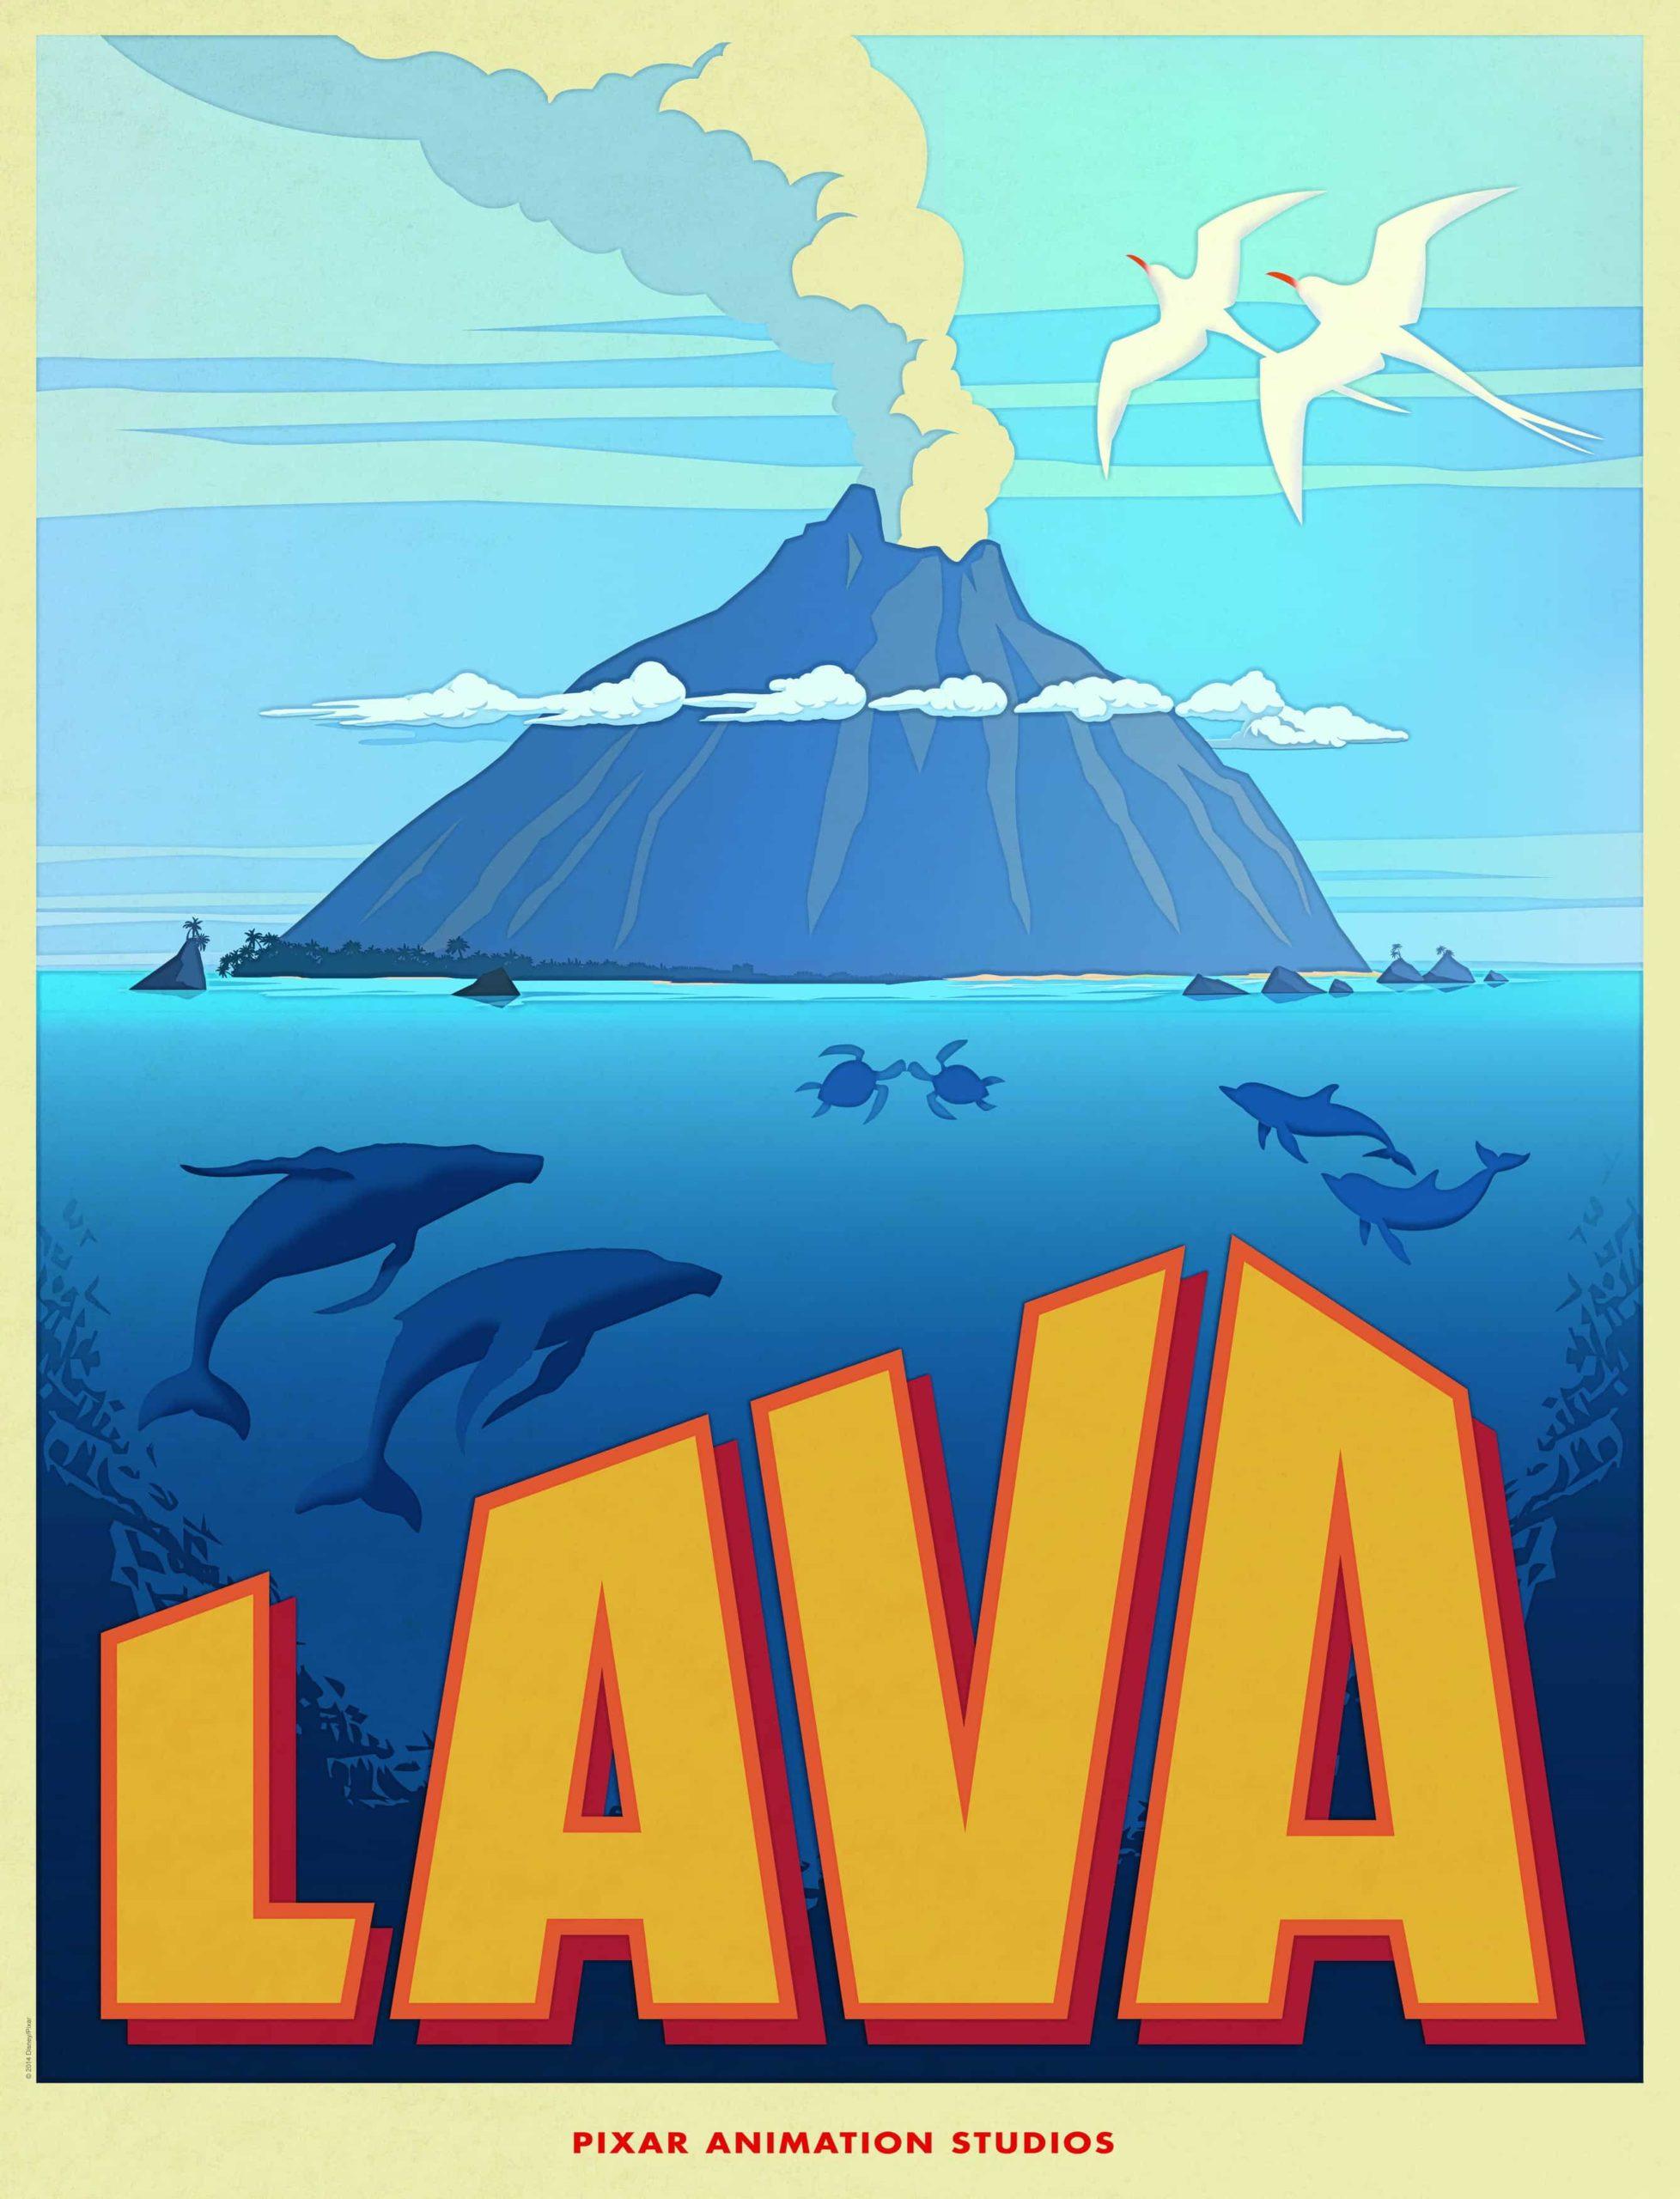 Poster promocional de Lava, nuevo cortometraje de Disney Pixar, previa a Inside Out. Lava es dirigido por James Ford Murphy, y se estrenará antes de Inside Out el 19 de Junio de 2015.